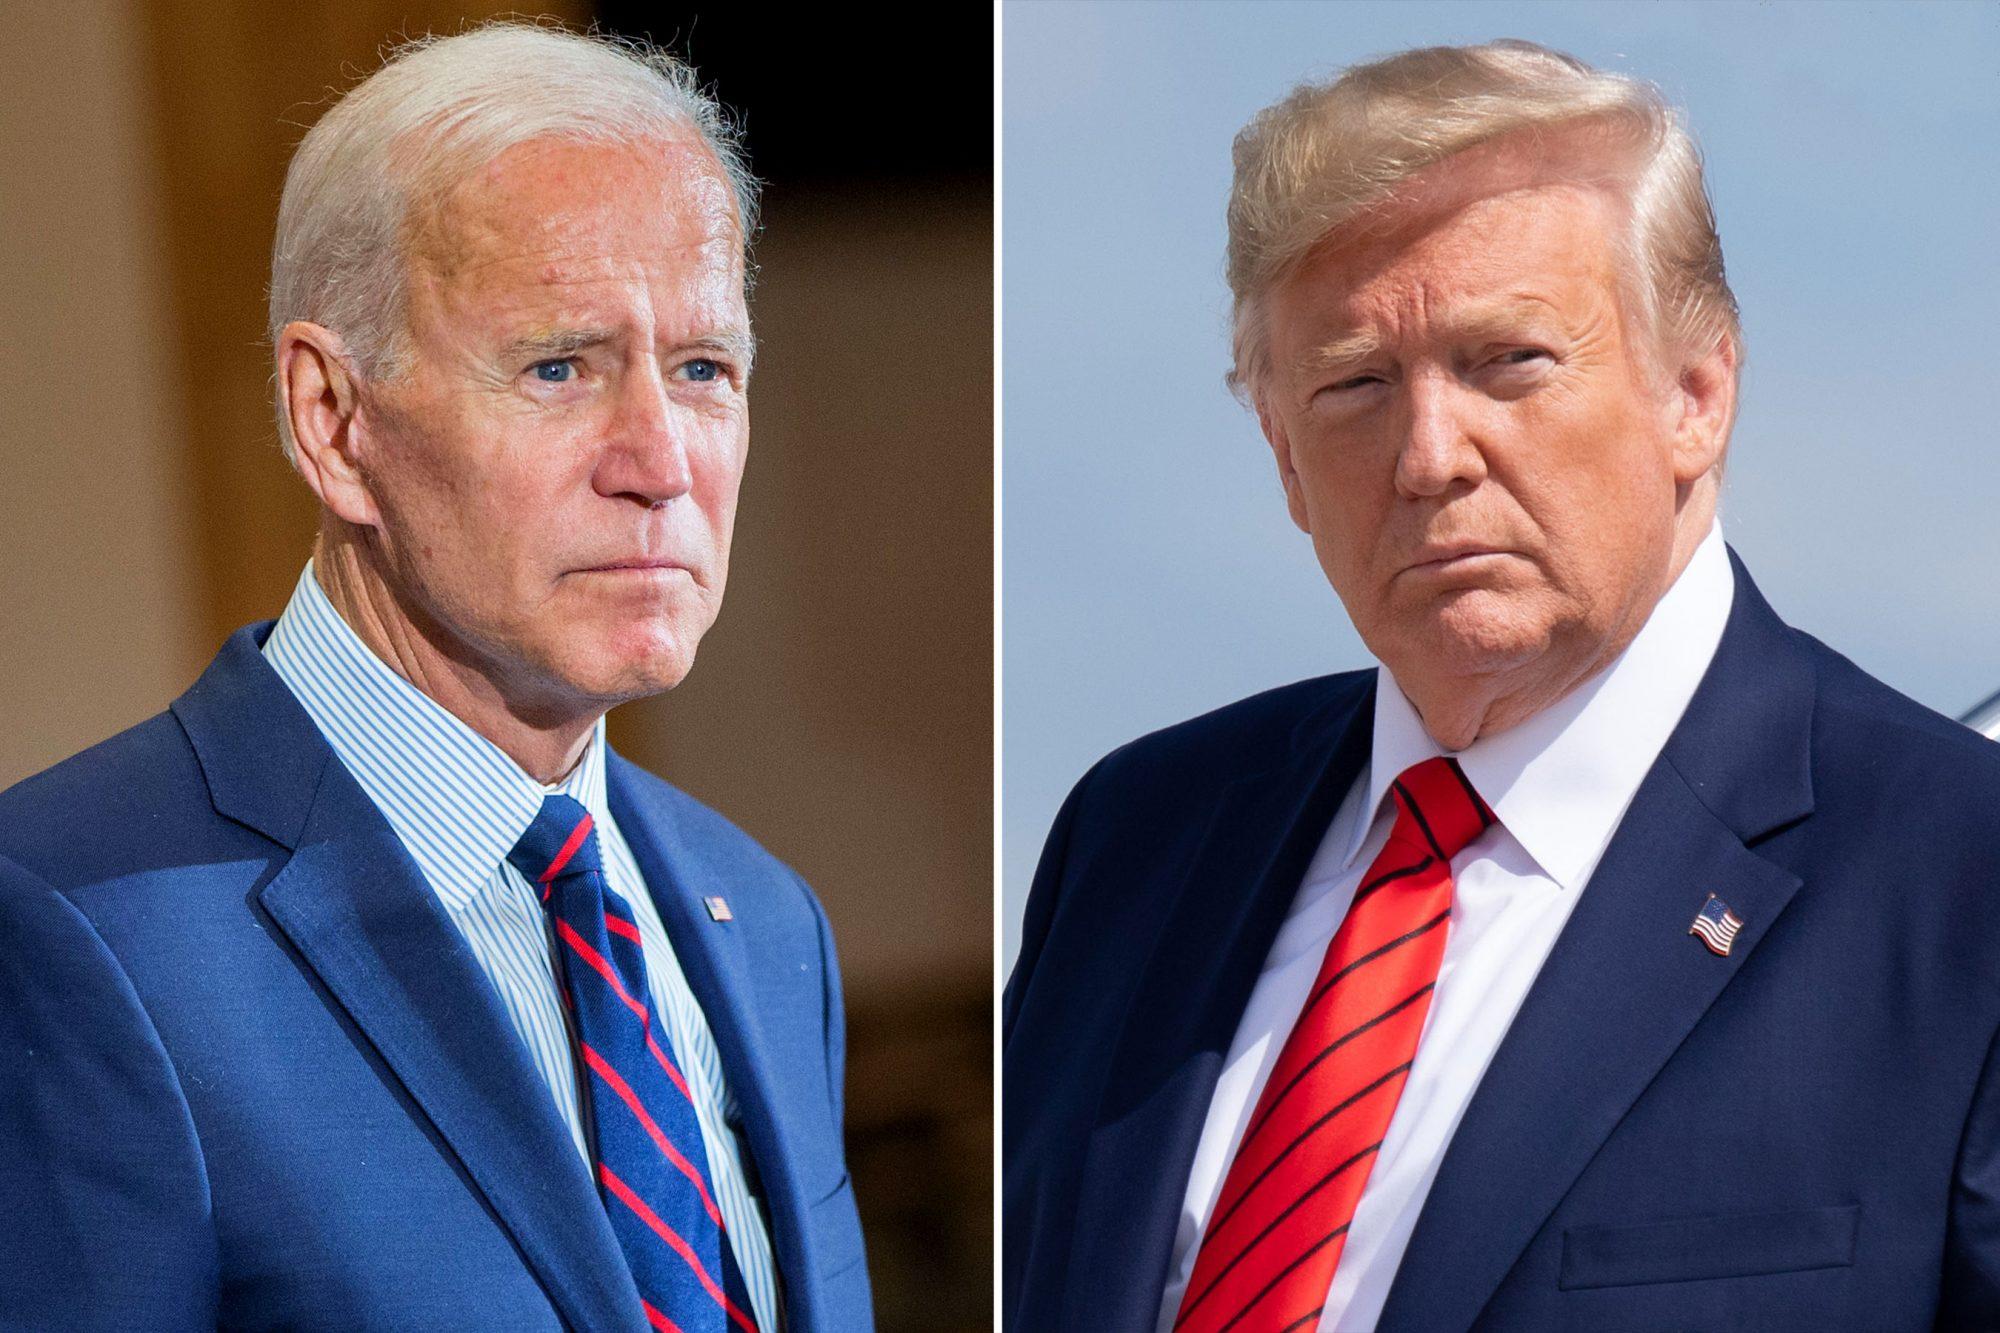 Bầu cử Mỹ 2020: Ông Bidan lần đầu thừa nhận Tổng thống Trump có thể tái đắc cử - Ảnh 1